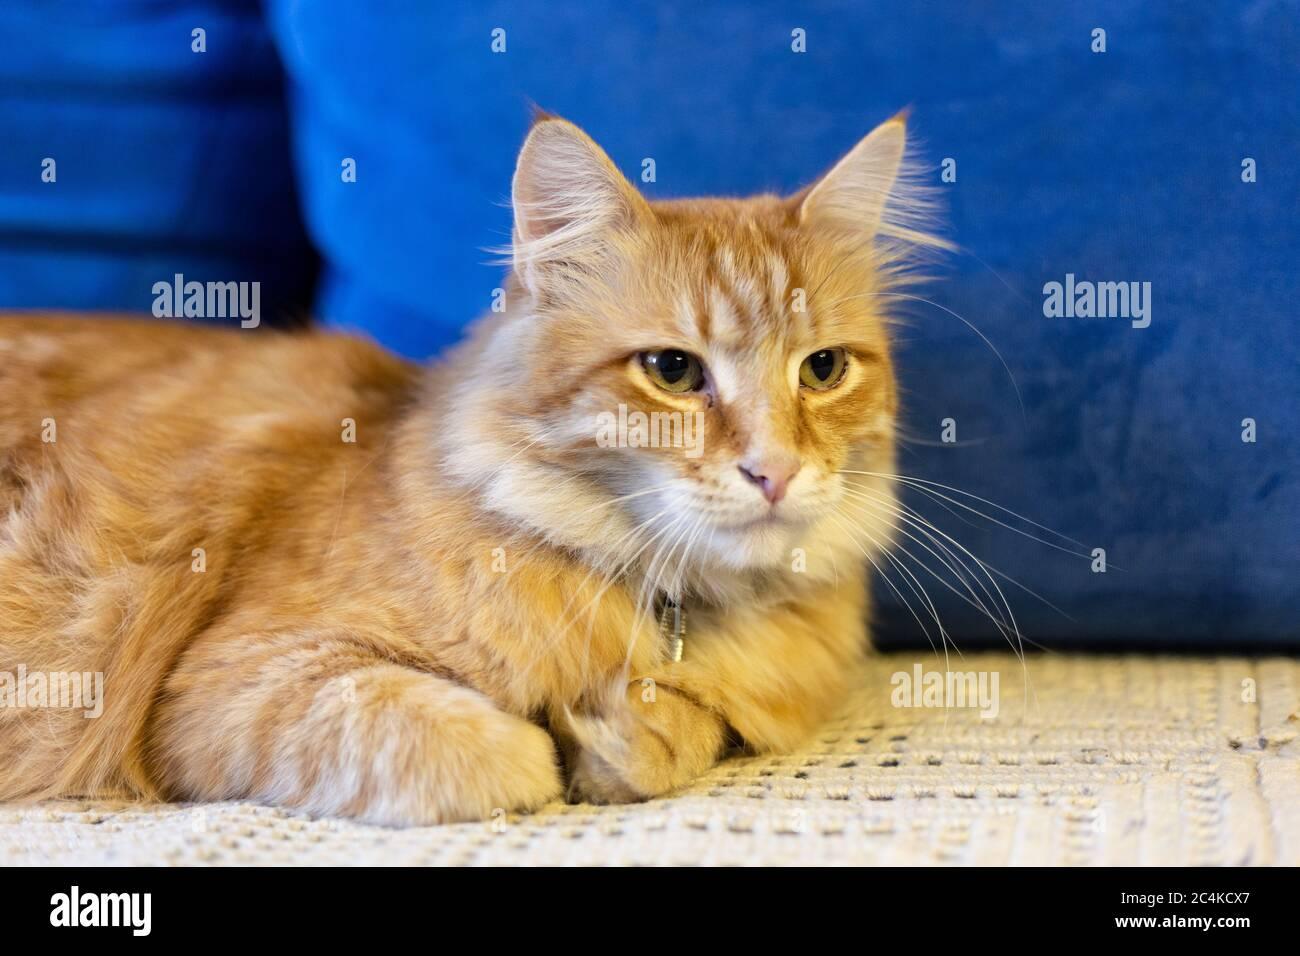 Le chat rouge se trouve sur un canapé bleu Banque D'Images